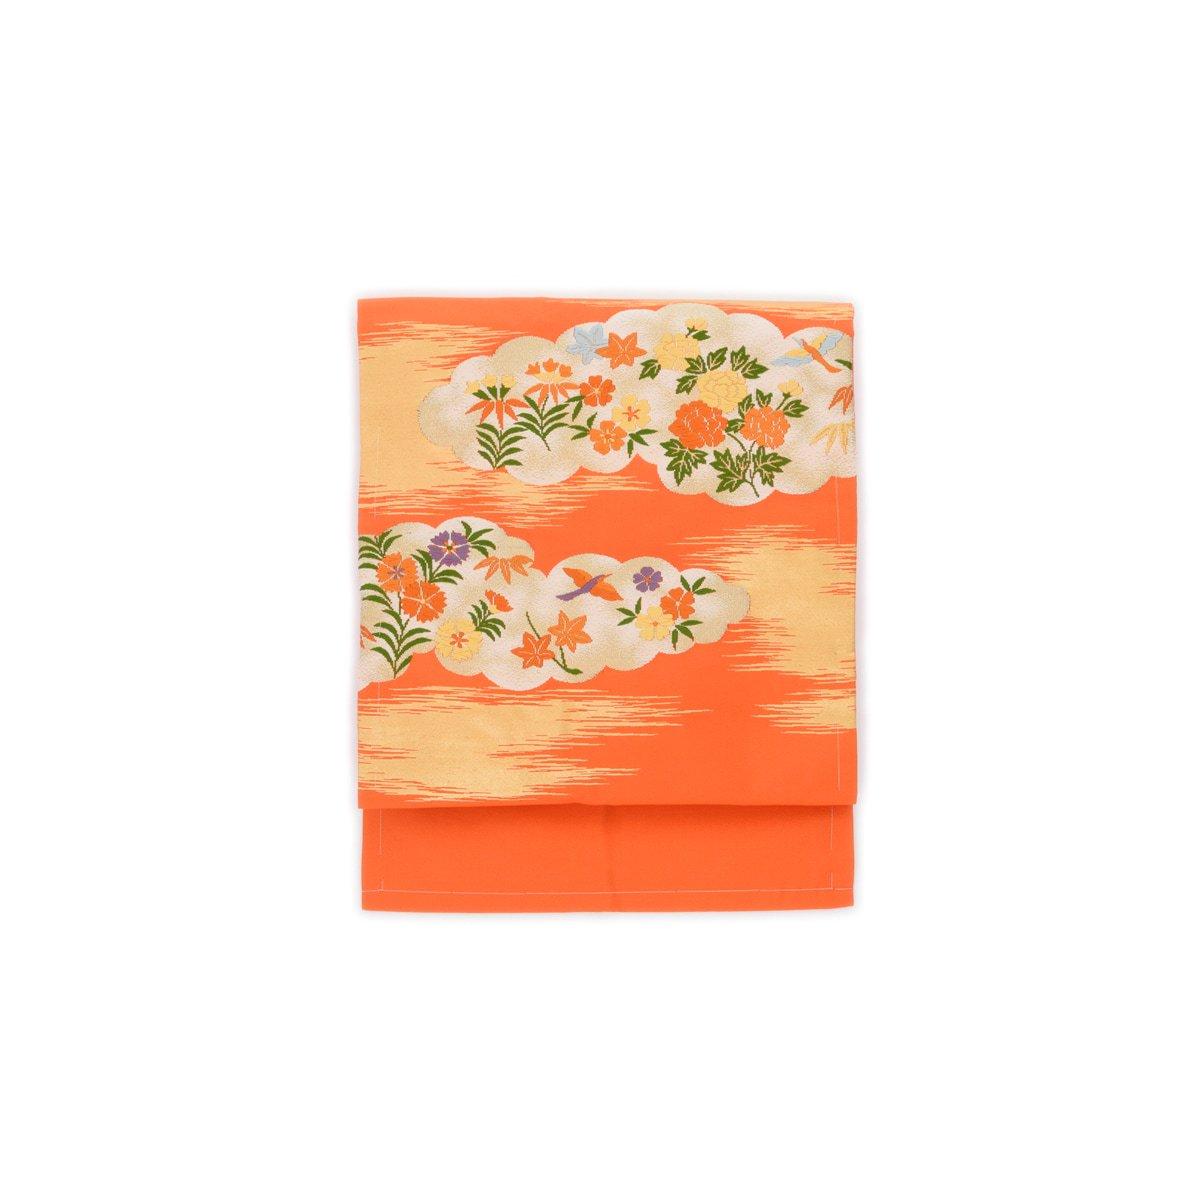 「セミアンティーク 雲取りに鳥と花」の商品画像